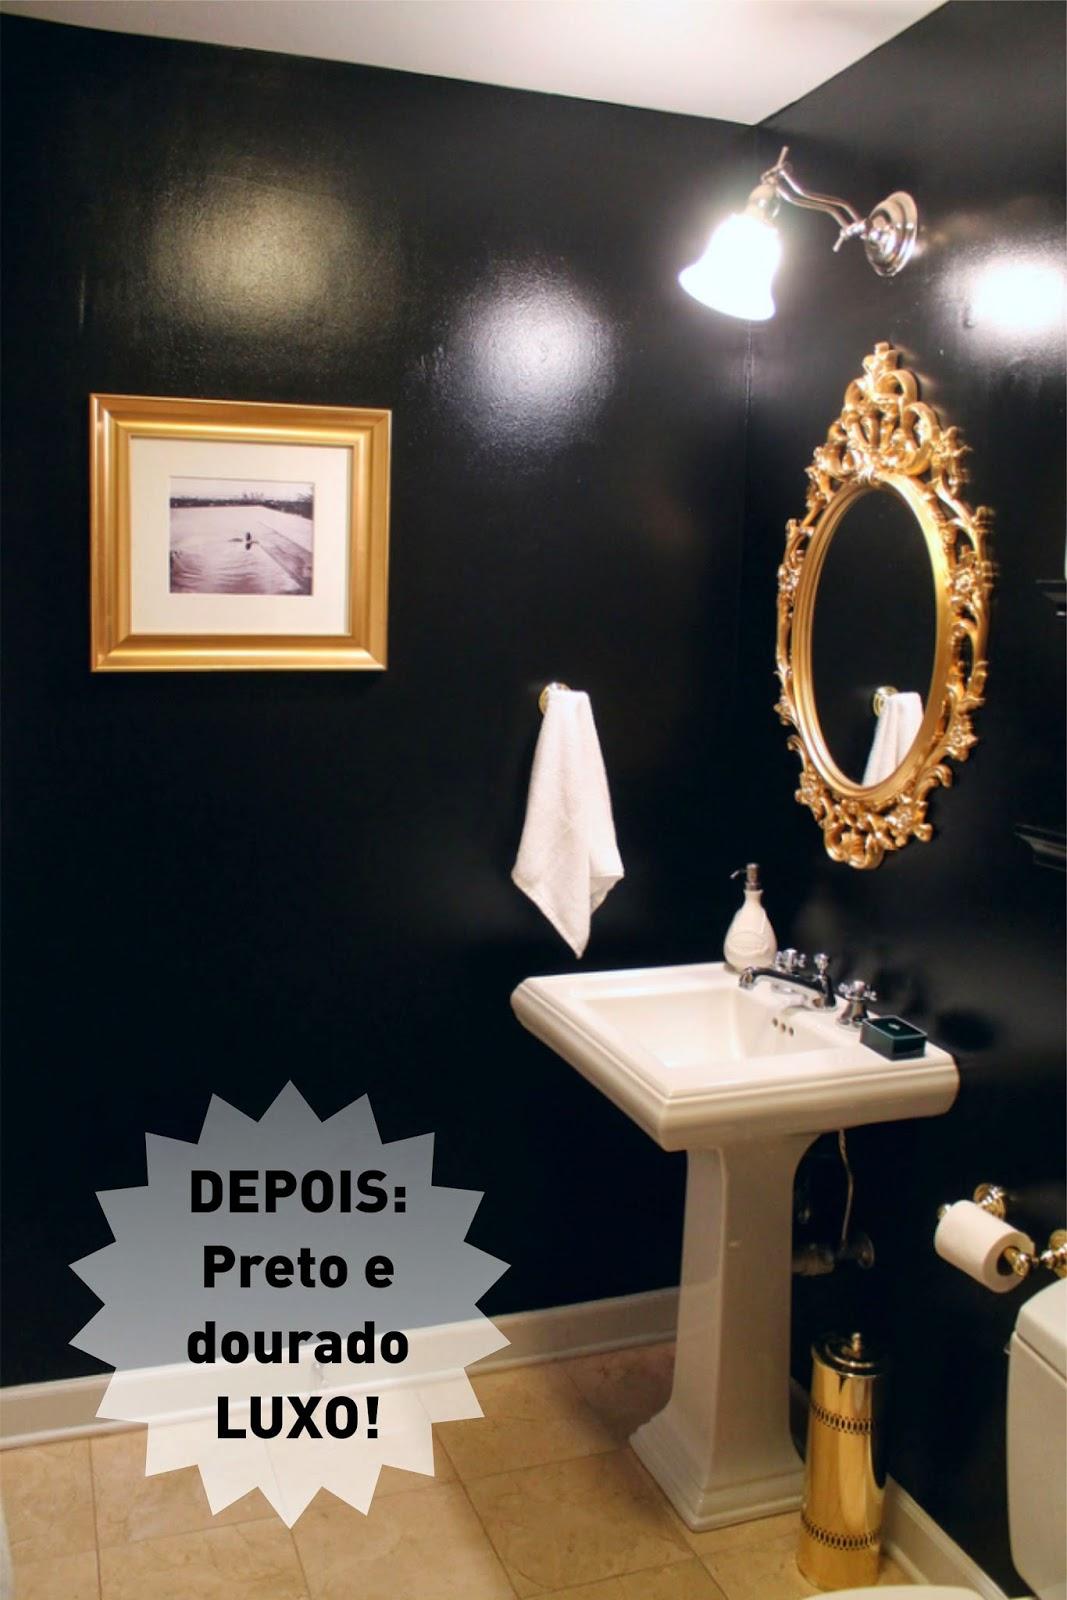 Por isto trouxe aqui um ANTES E DEPOIS de um banheiro super charmoso  #9A6A31 1067x1600 Banheiro Antigo Antes E Depois